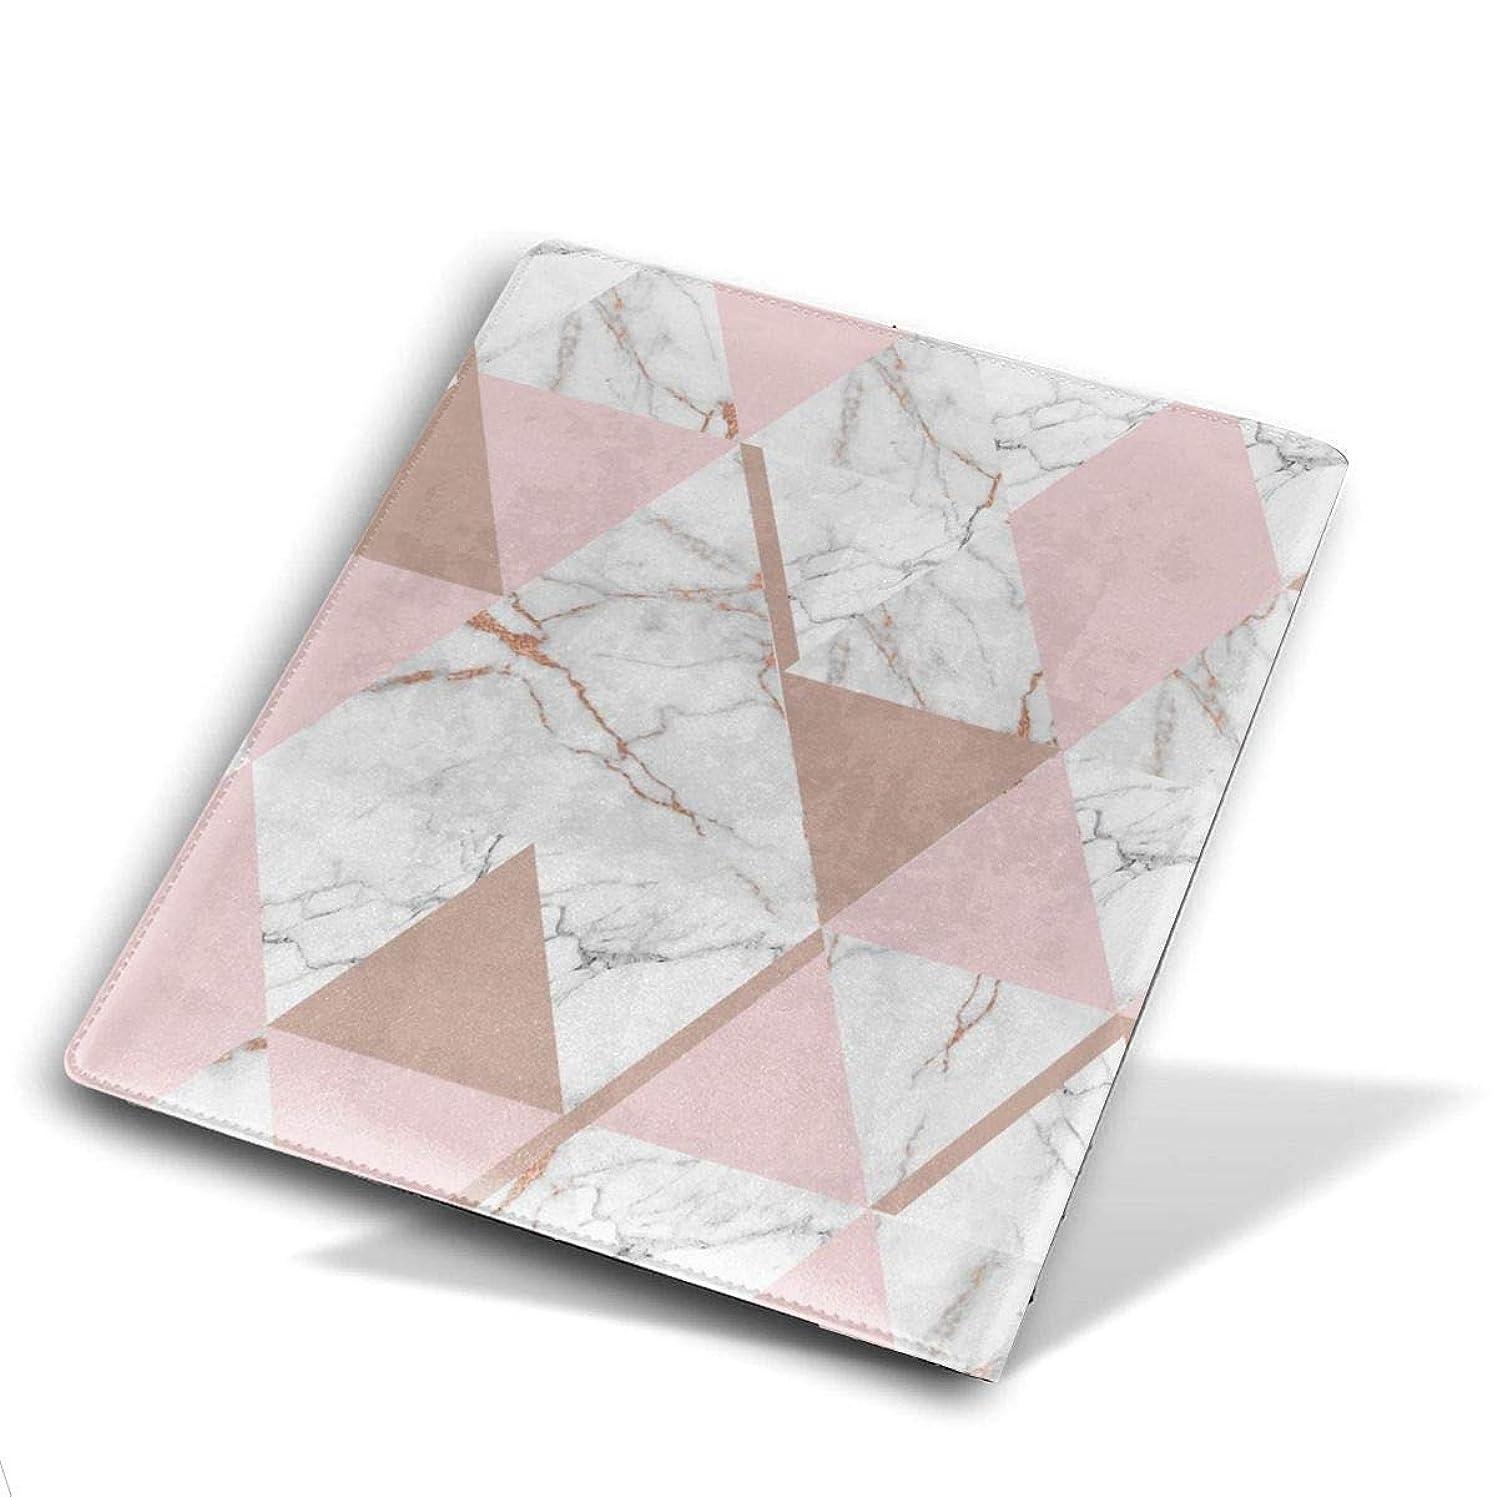 重要判決慎重柔らかく 耐久性 PUレザー ブックカバー Book Cover 本 日記 雑誌用 Size 28*51 Cm Rose Gold Triangle Marble Pattern 大理石 パターン